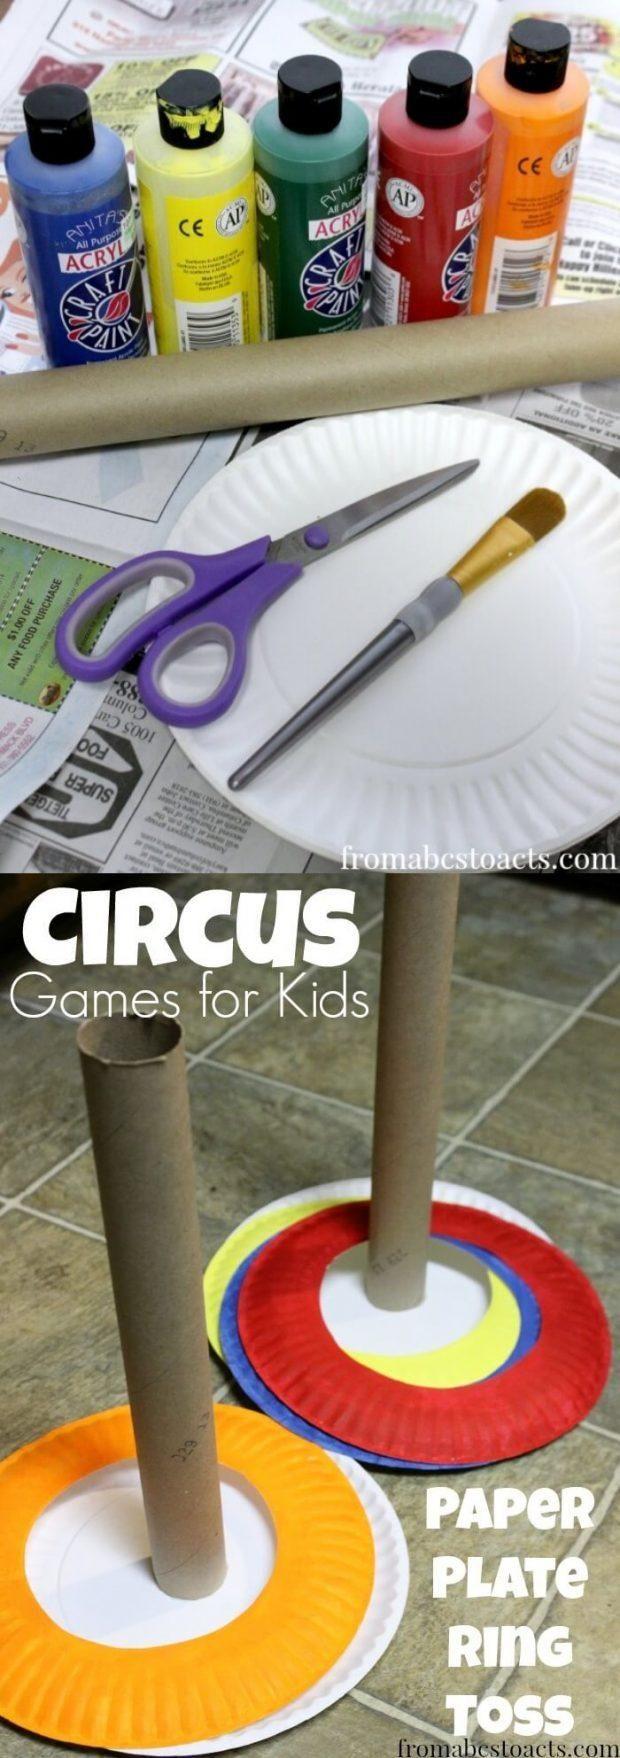 Ingenioso juego al estilo de ferias para niños / http://fromabcstoacts.com/